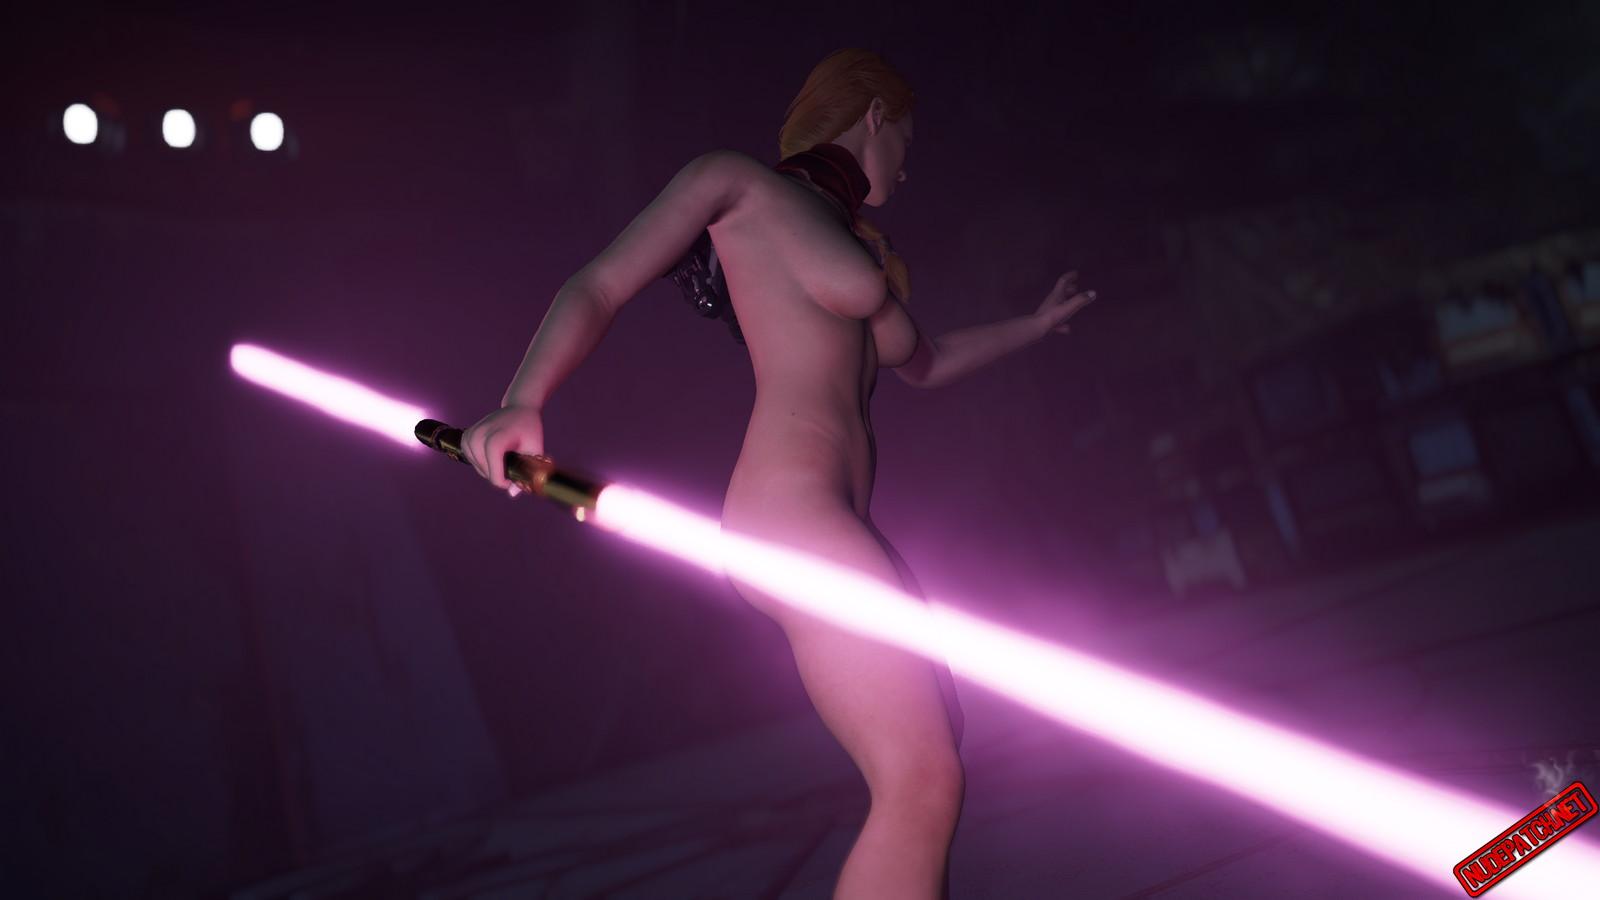 Star Wars Jedi: Fallen Order Nude Mod